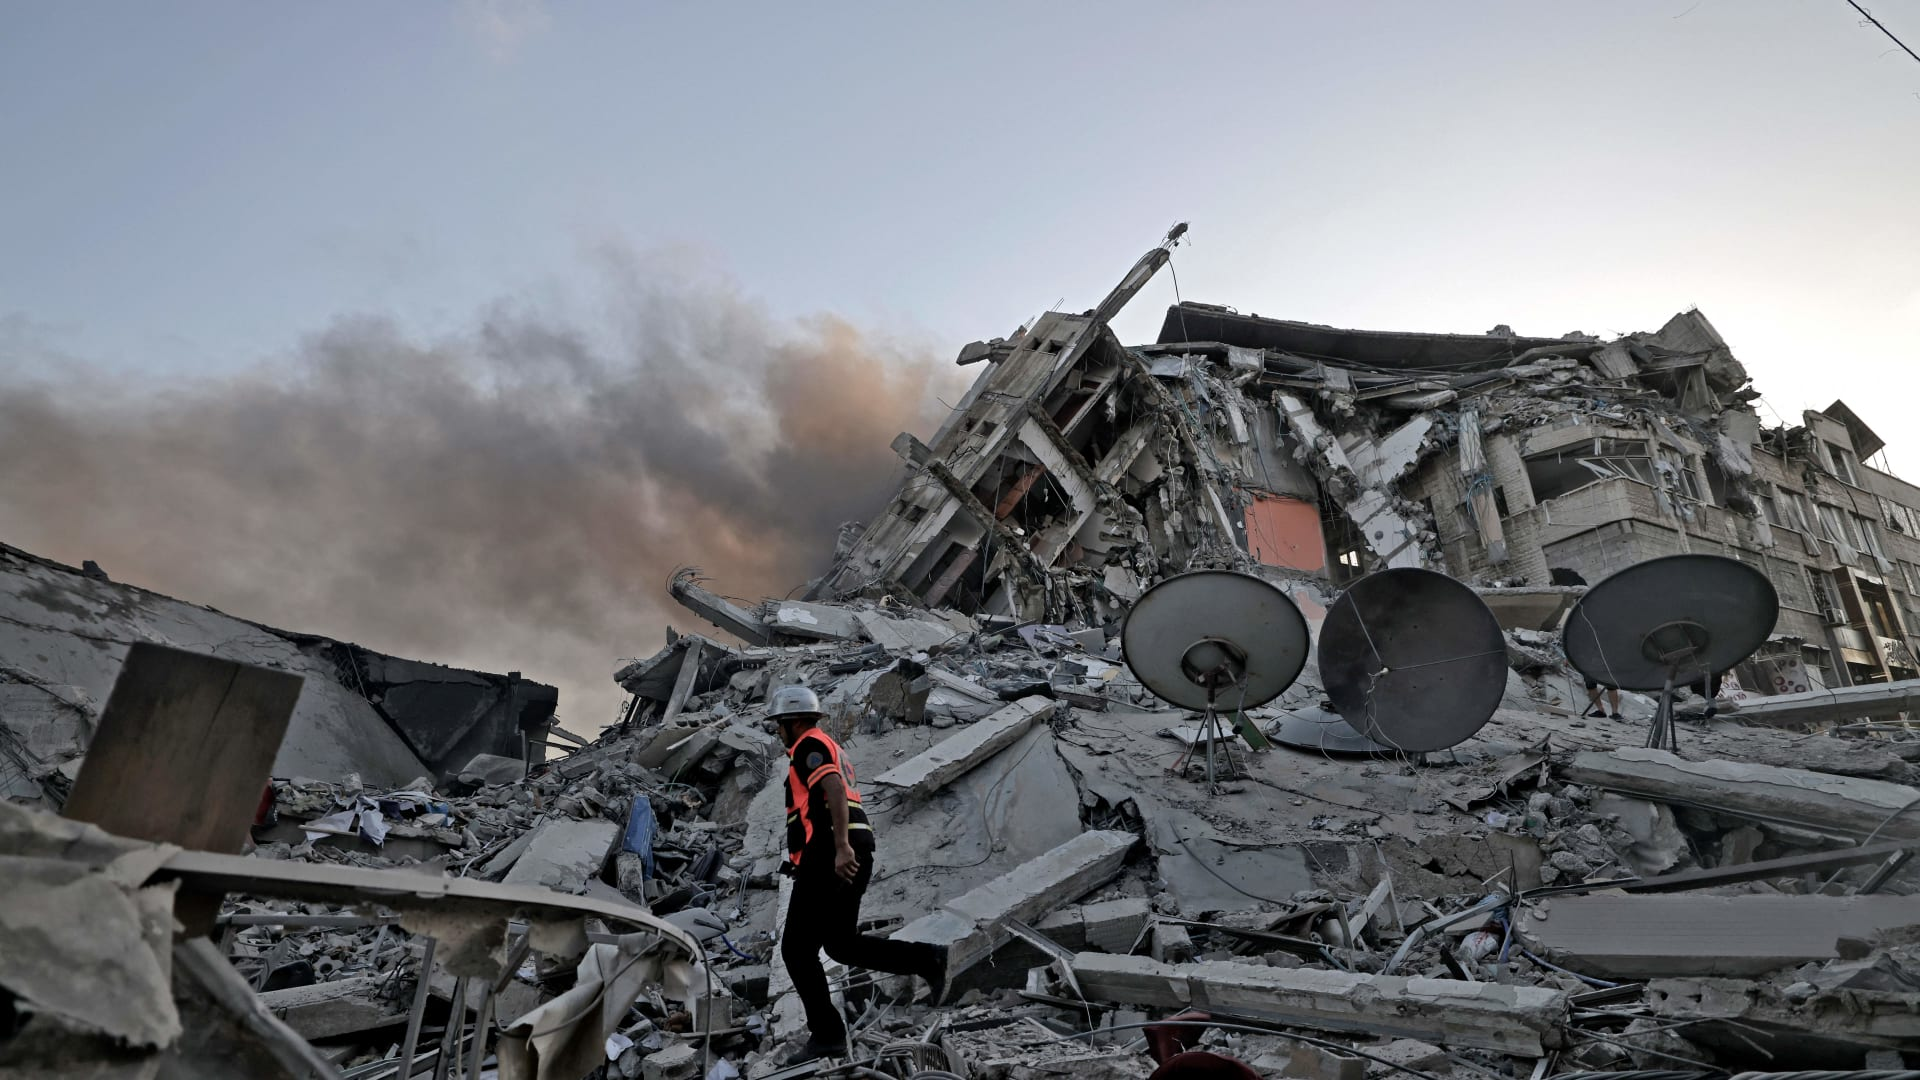 رجل إنقاذ يسير وسط أنقاض برج الشروق الذي انهار بعد تعرضه لغارة جوية إسرائيلية في مدينة غزة ، في 12 مايو 2021.